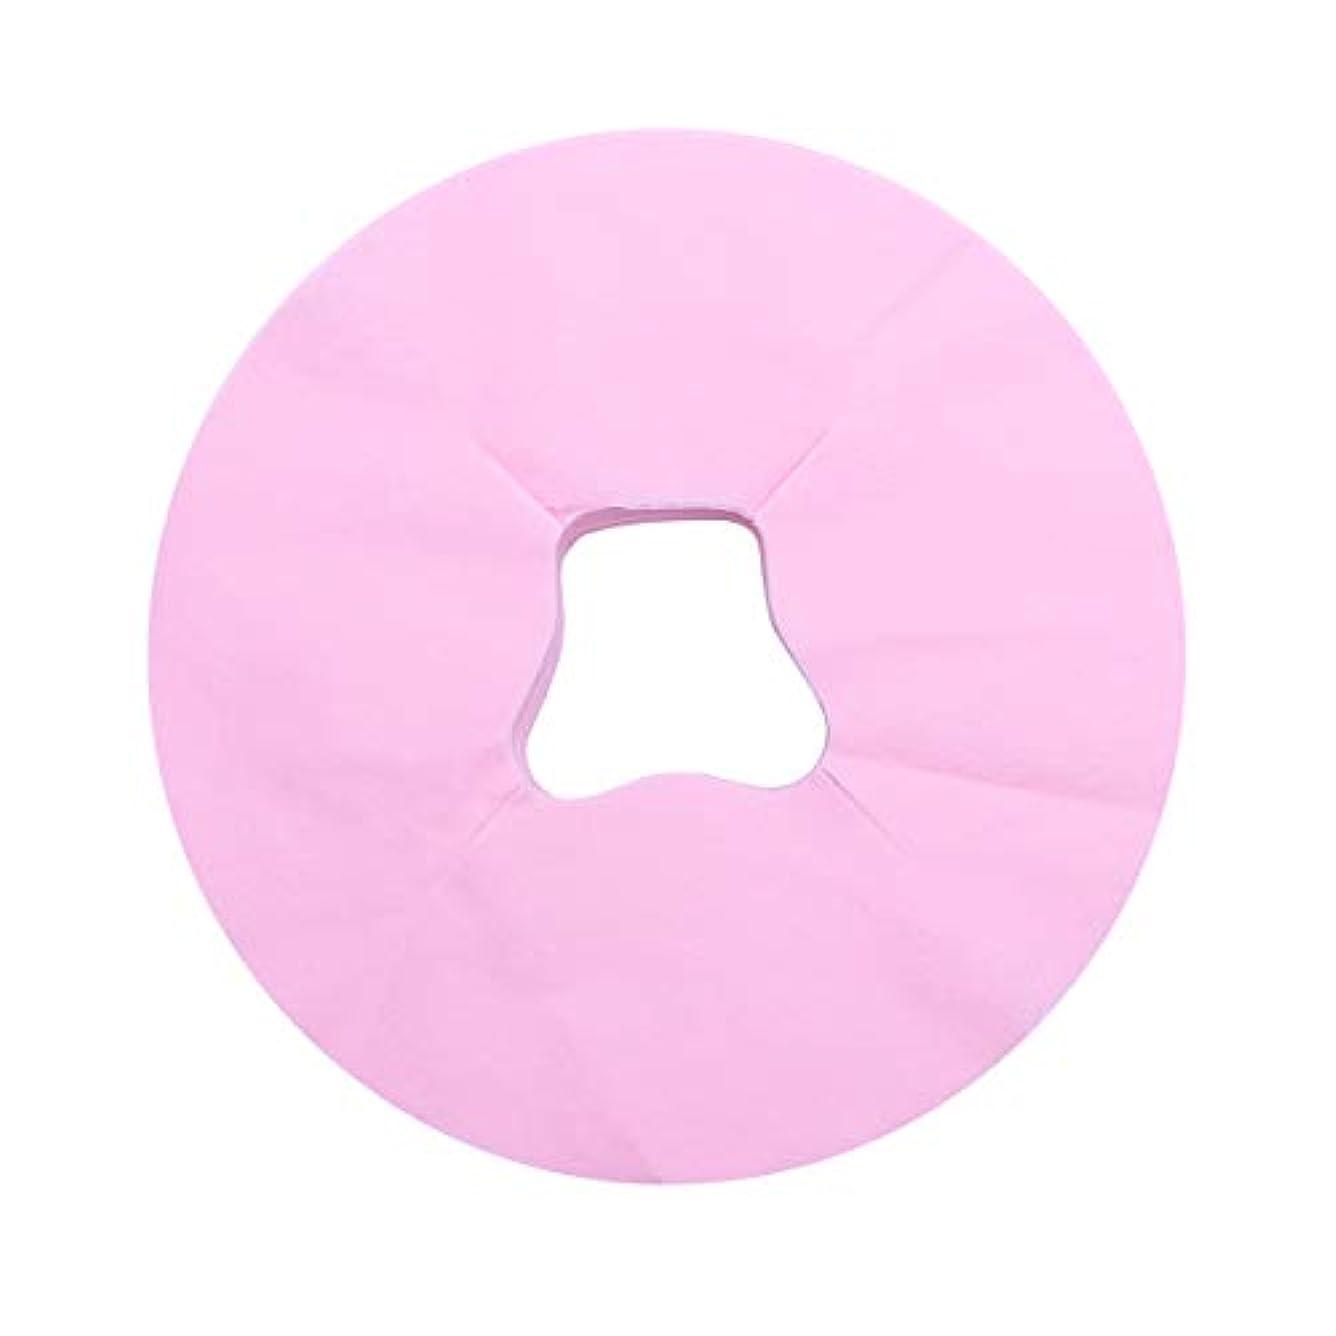 指令トロリーバス両方SUPVOX 100ピース使い捨てフェイスカバーパッドマッサージフェイスピローカバーフェイシャルベッドサロンスパヘッドレストピローシート(ピンク)